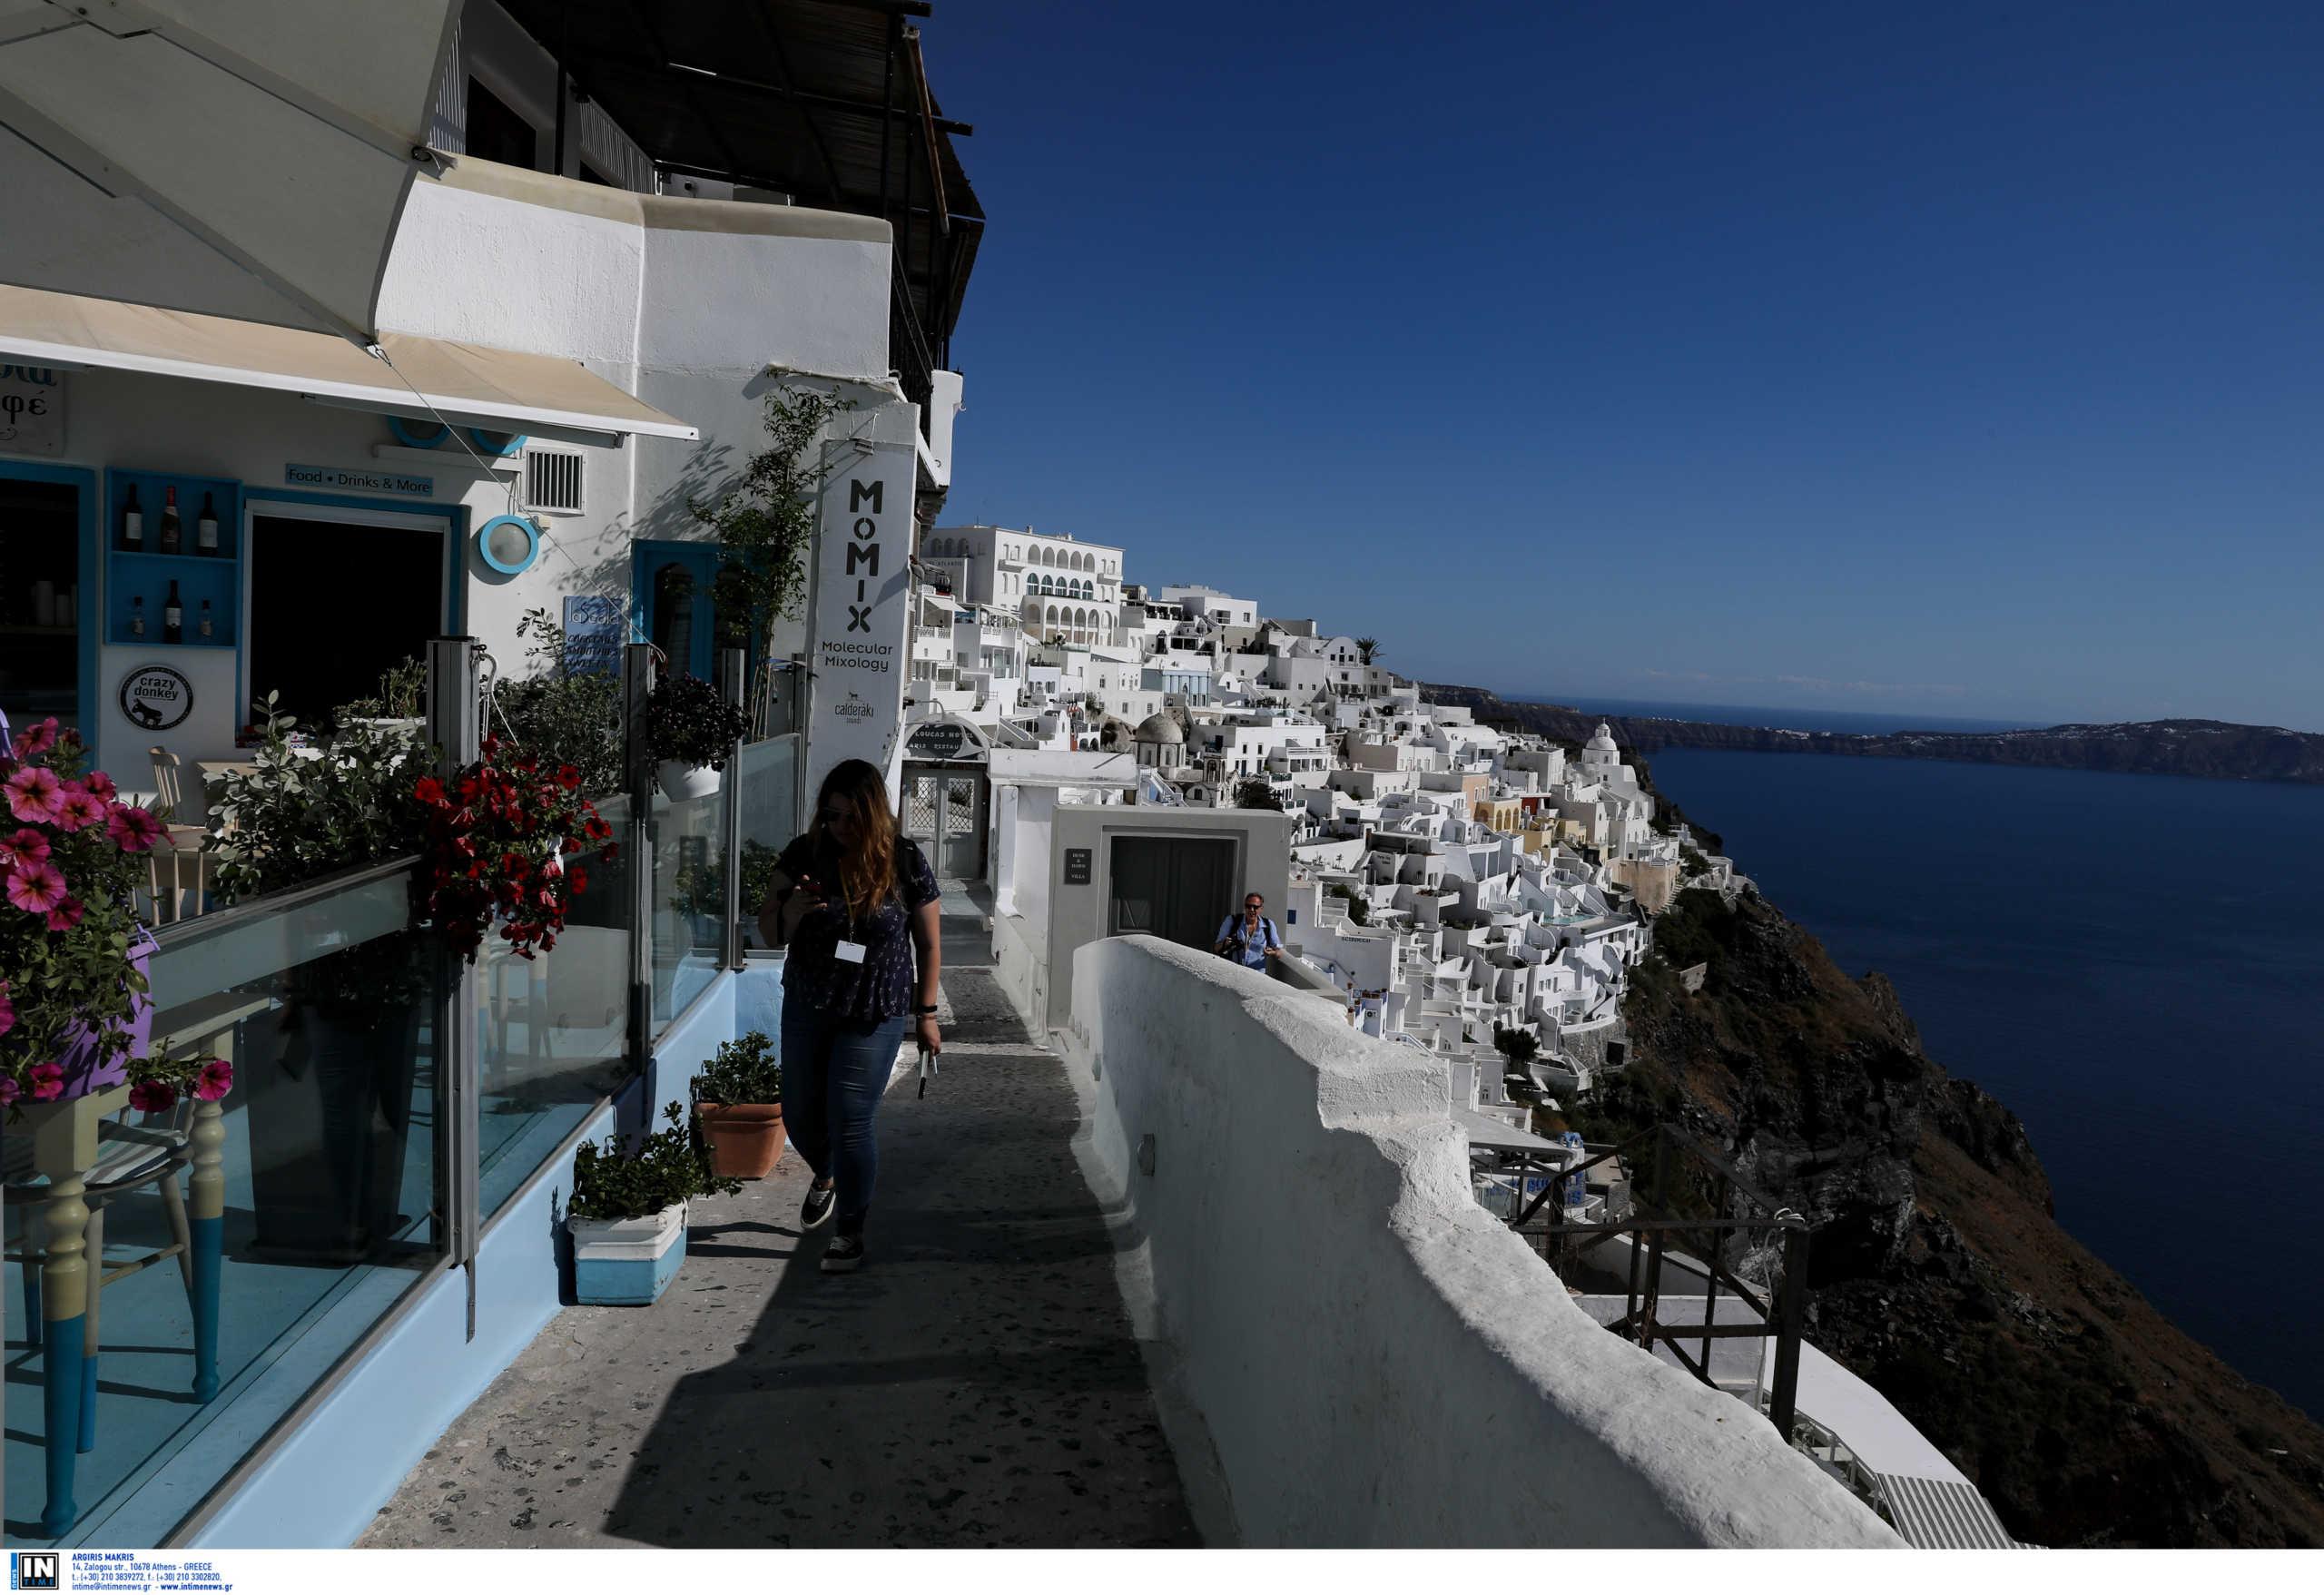 Νέο πακέτο μέτρων με έμφαση σε τουρισμό και εστίαση – Ανακοινώσεις την άλλη εβδομάδα